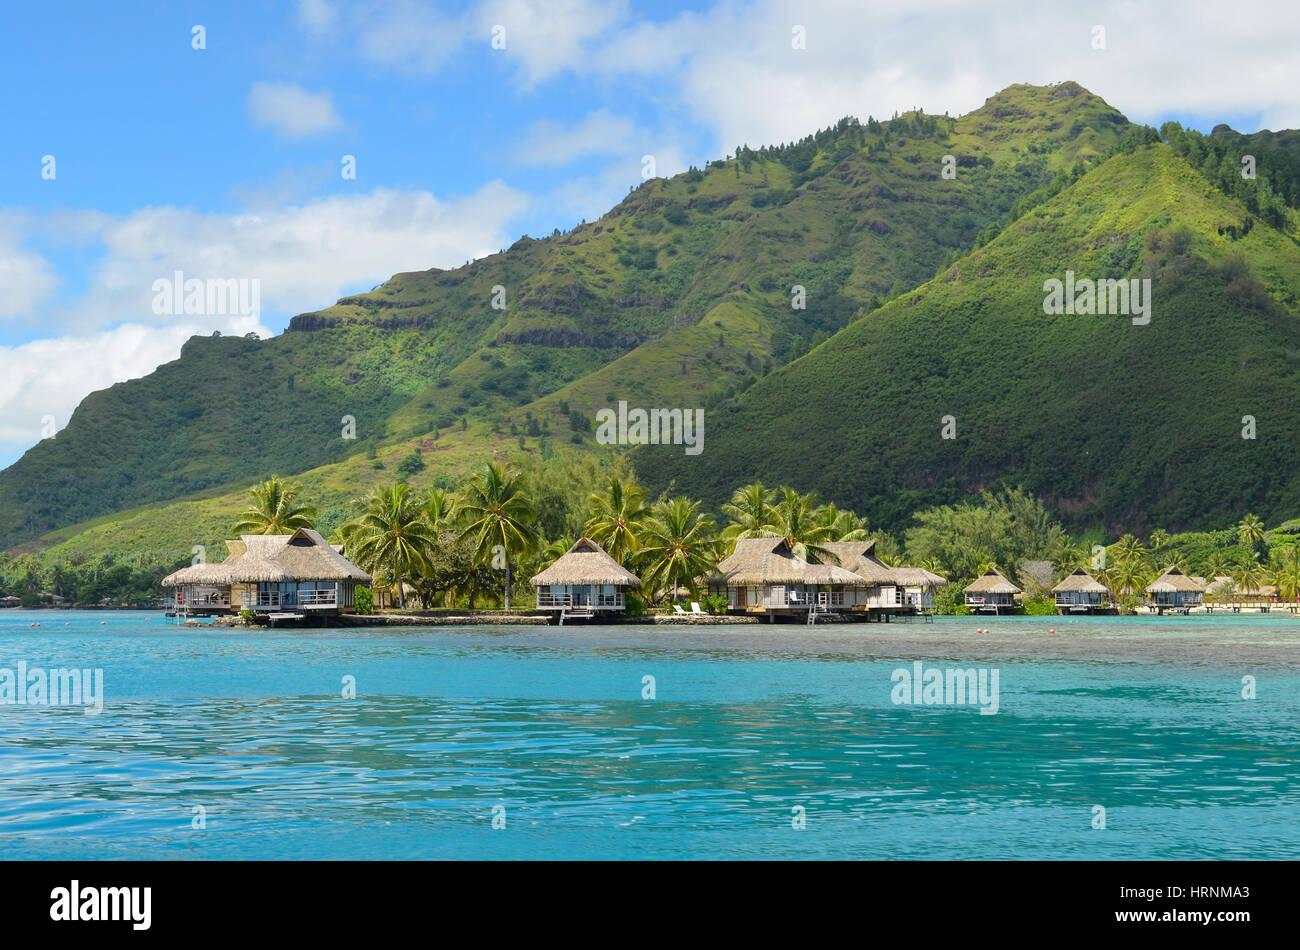 Lujosos bungalows con techo de paja en una luna de miel resort en la costa de una laguna en el Pacífico tropical Imagen De Stock